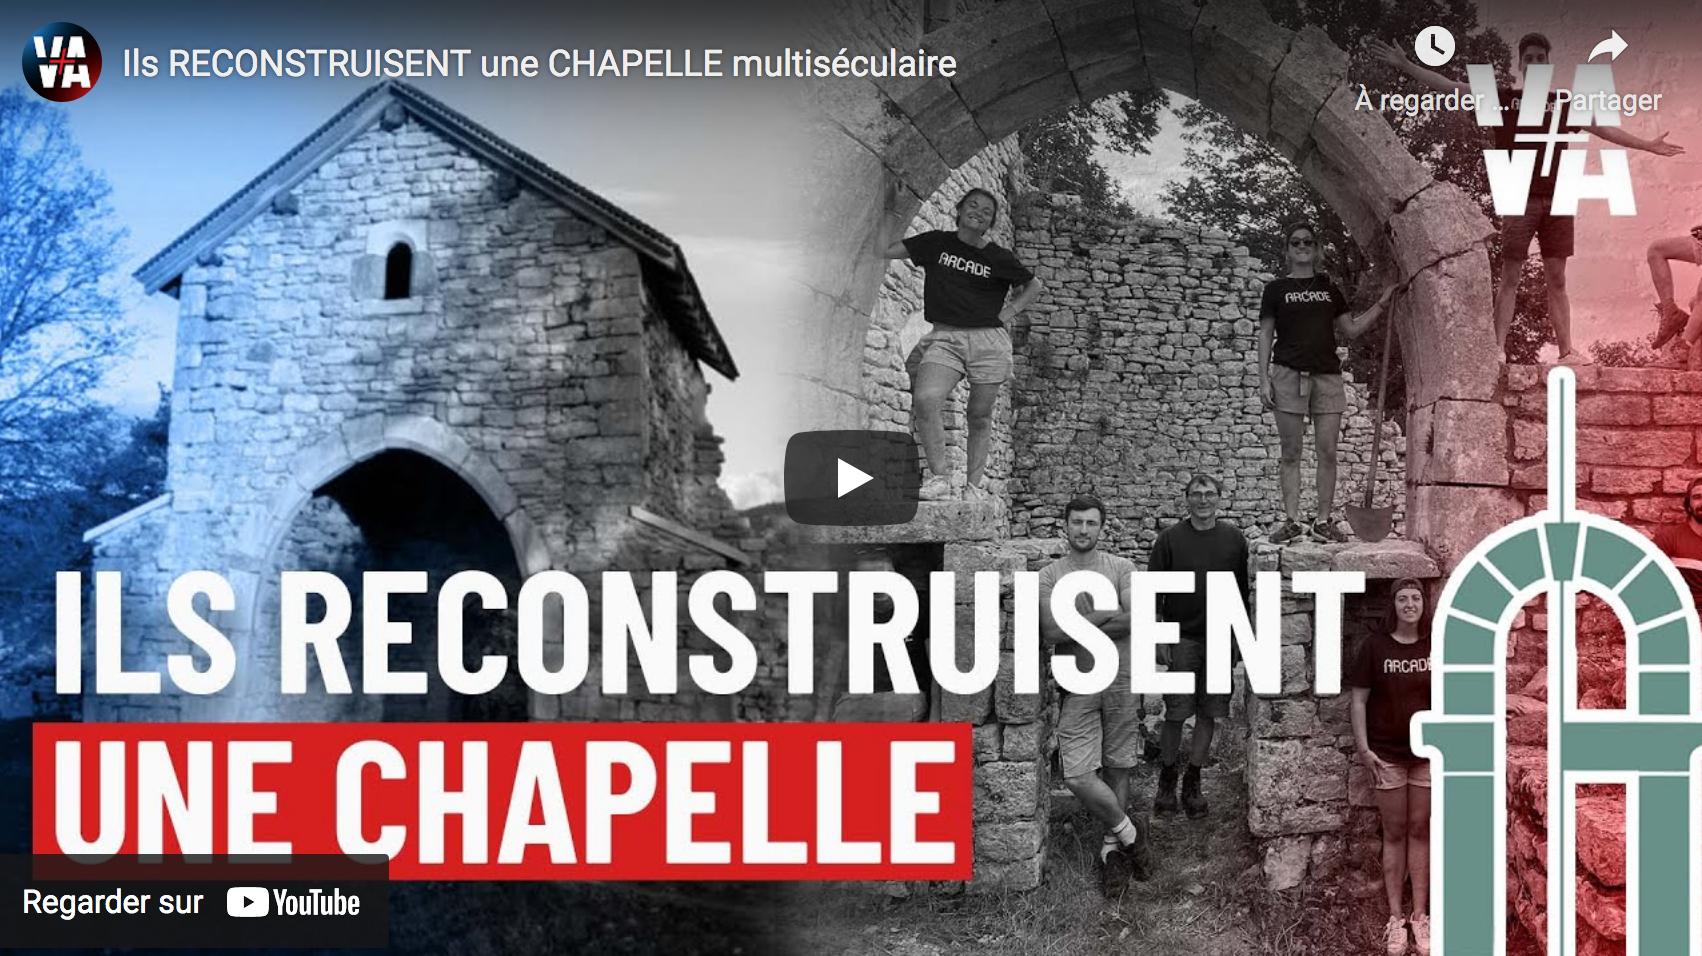 Ils reconstruisent une chapelle multiséculaire (REPORTAGE)